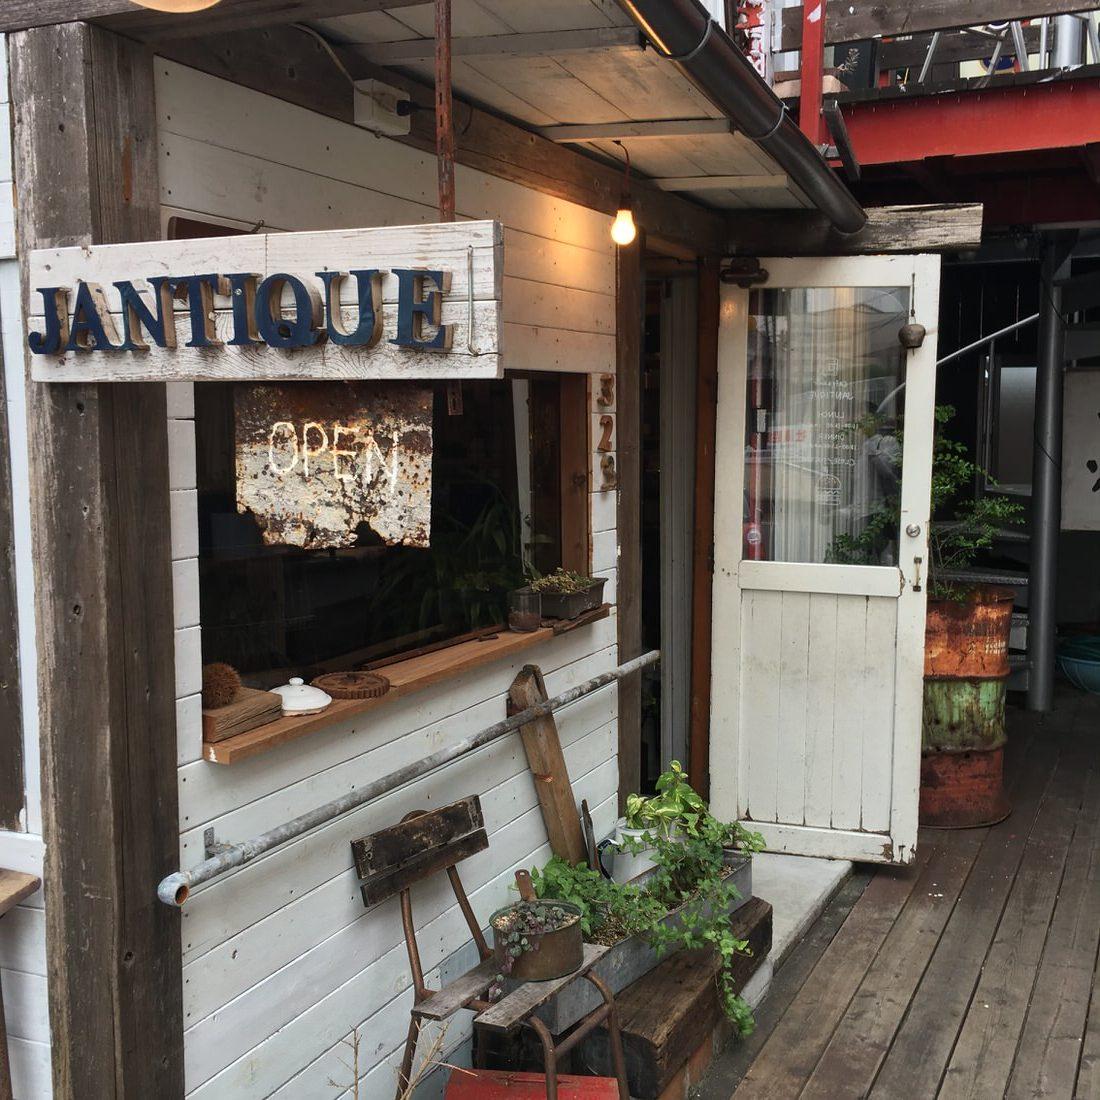 【岡崎市】肉汁たっぷりのハンバーガーが楽しめるカフェ『ジャンティーク』